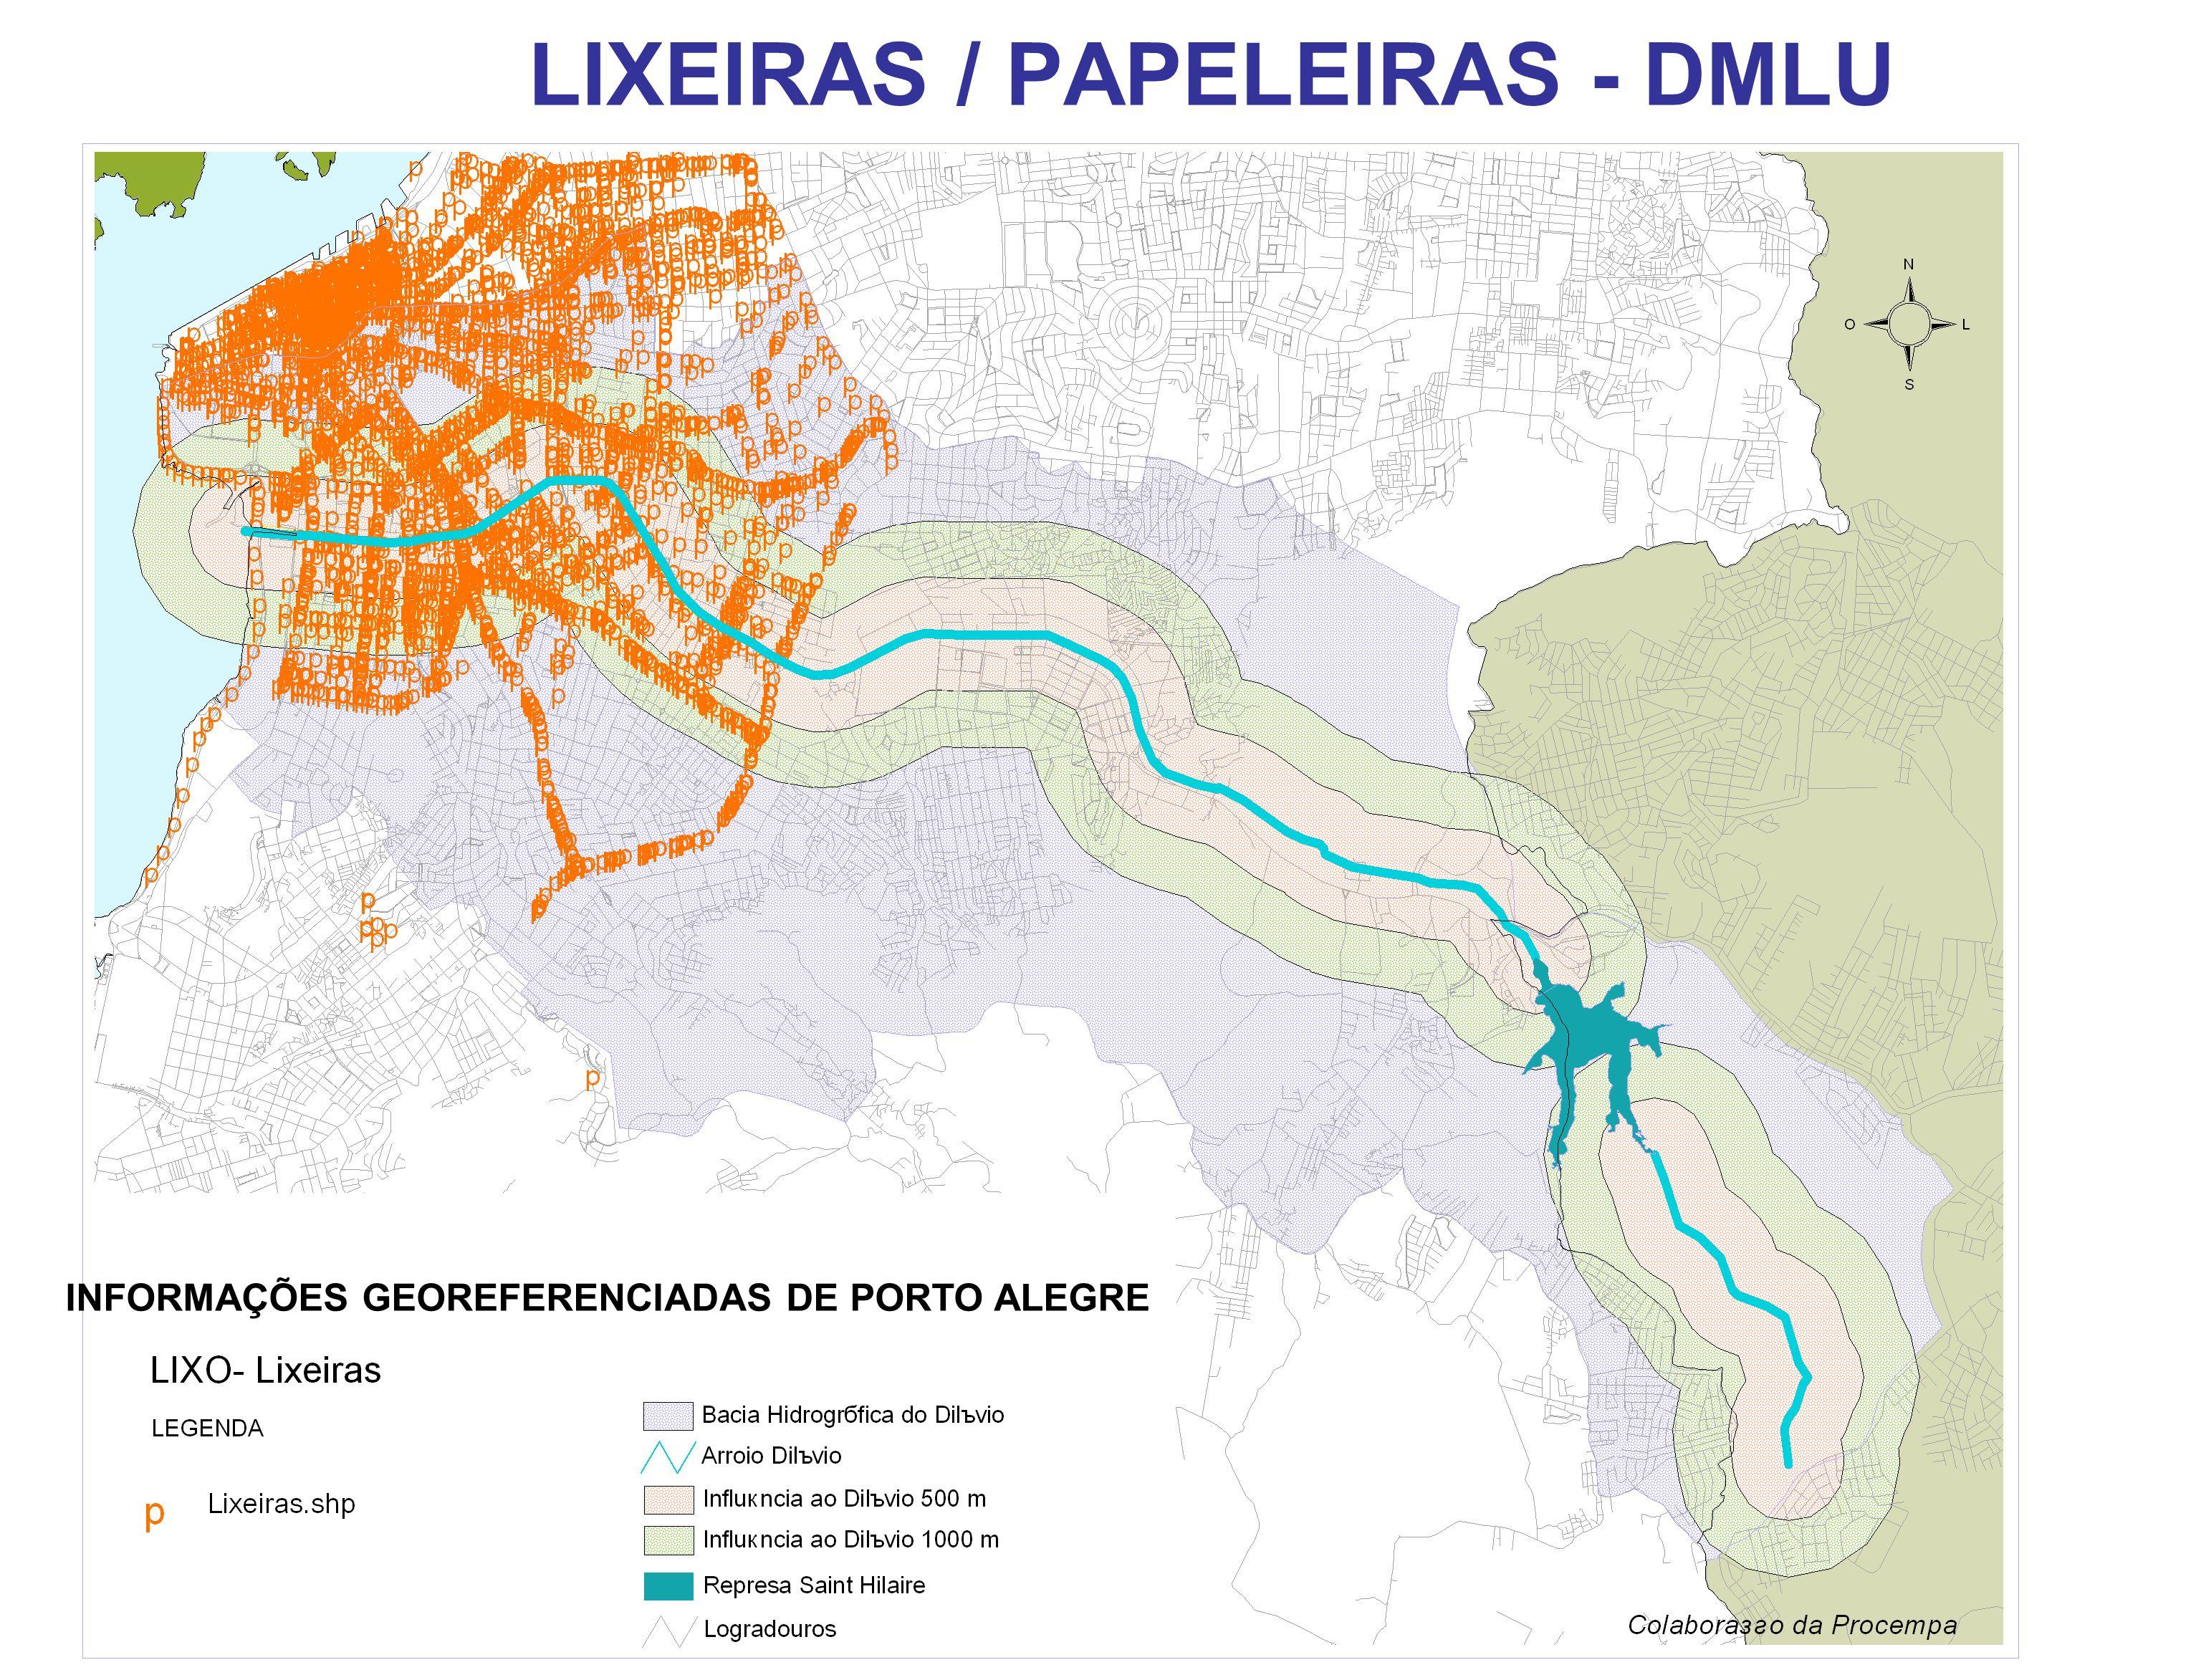 LIXEIRAS / PAPELEIRAS - DMLU